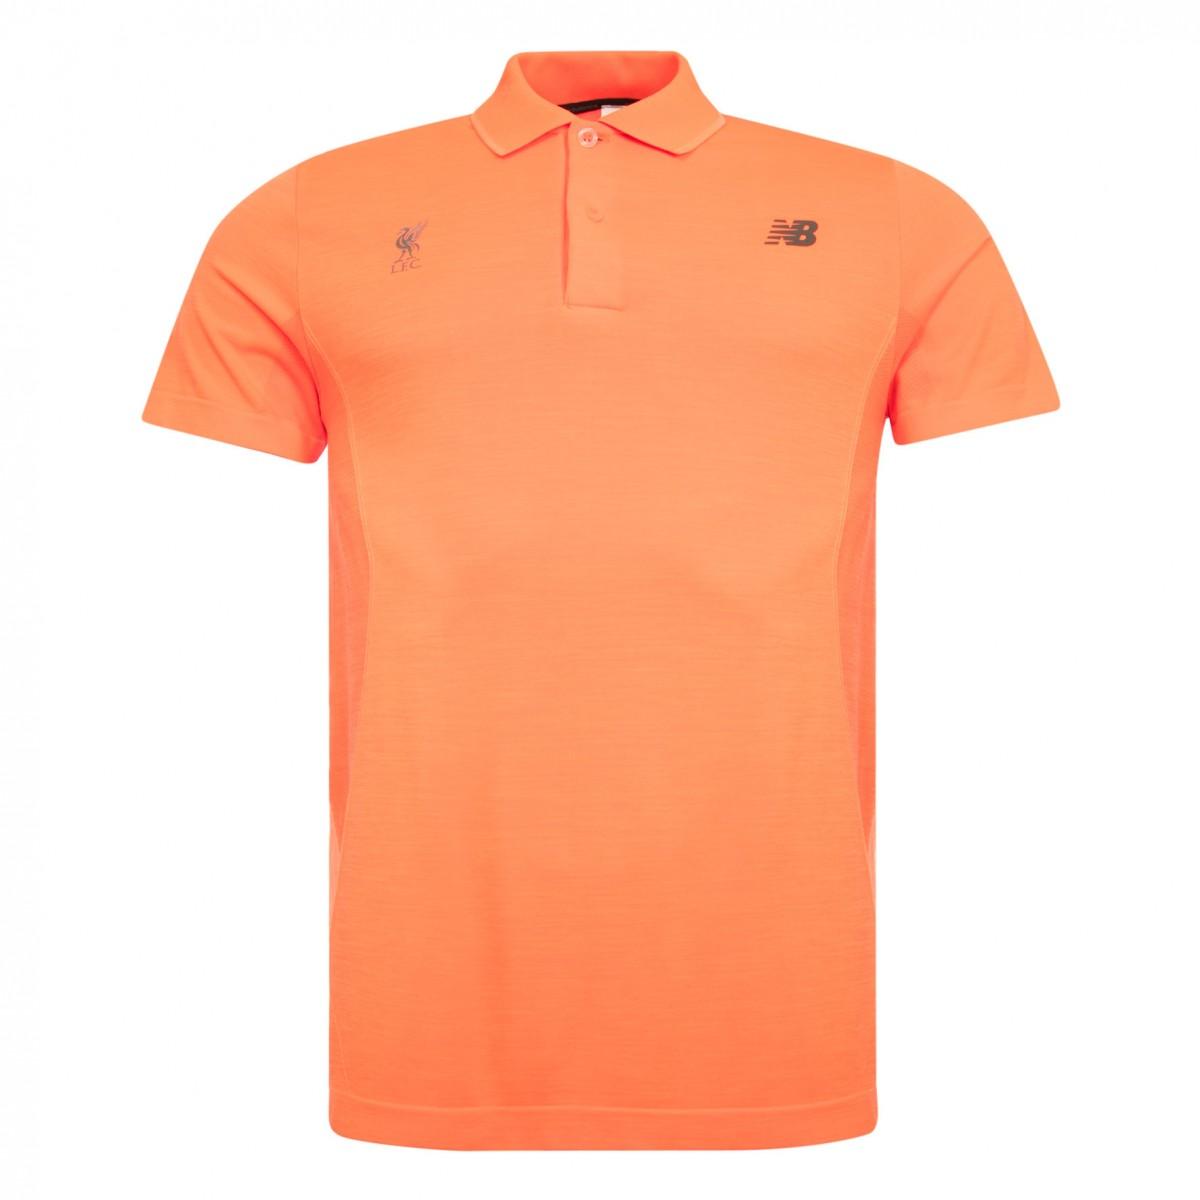 เสื้อโปโลนิวบาลานซ์ลิเวอร์พูลของแท้ New Balance Mens Orange M4M Seamless Polo